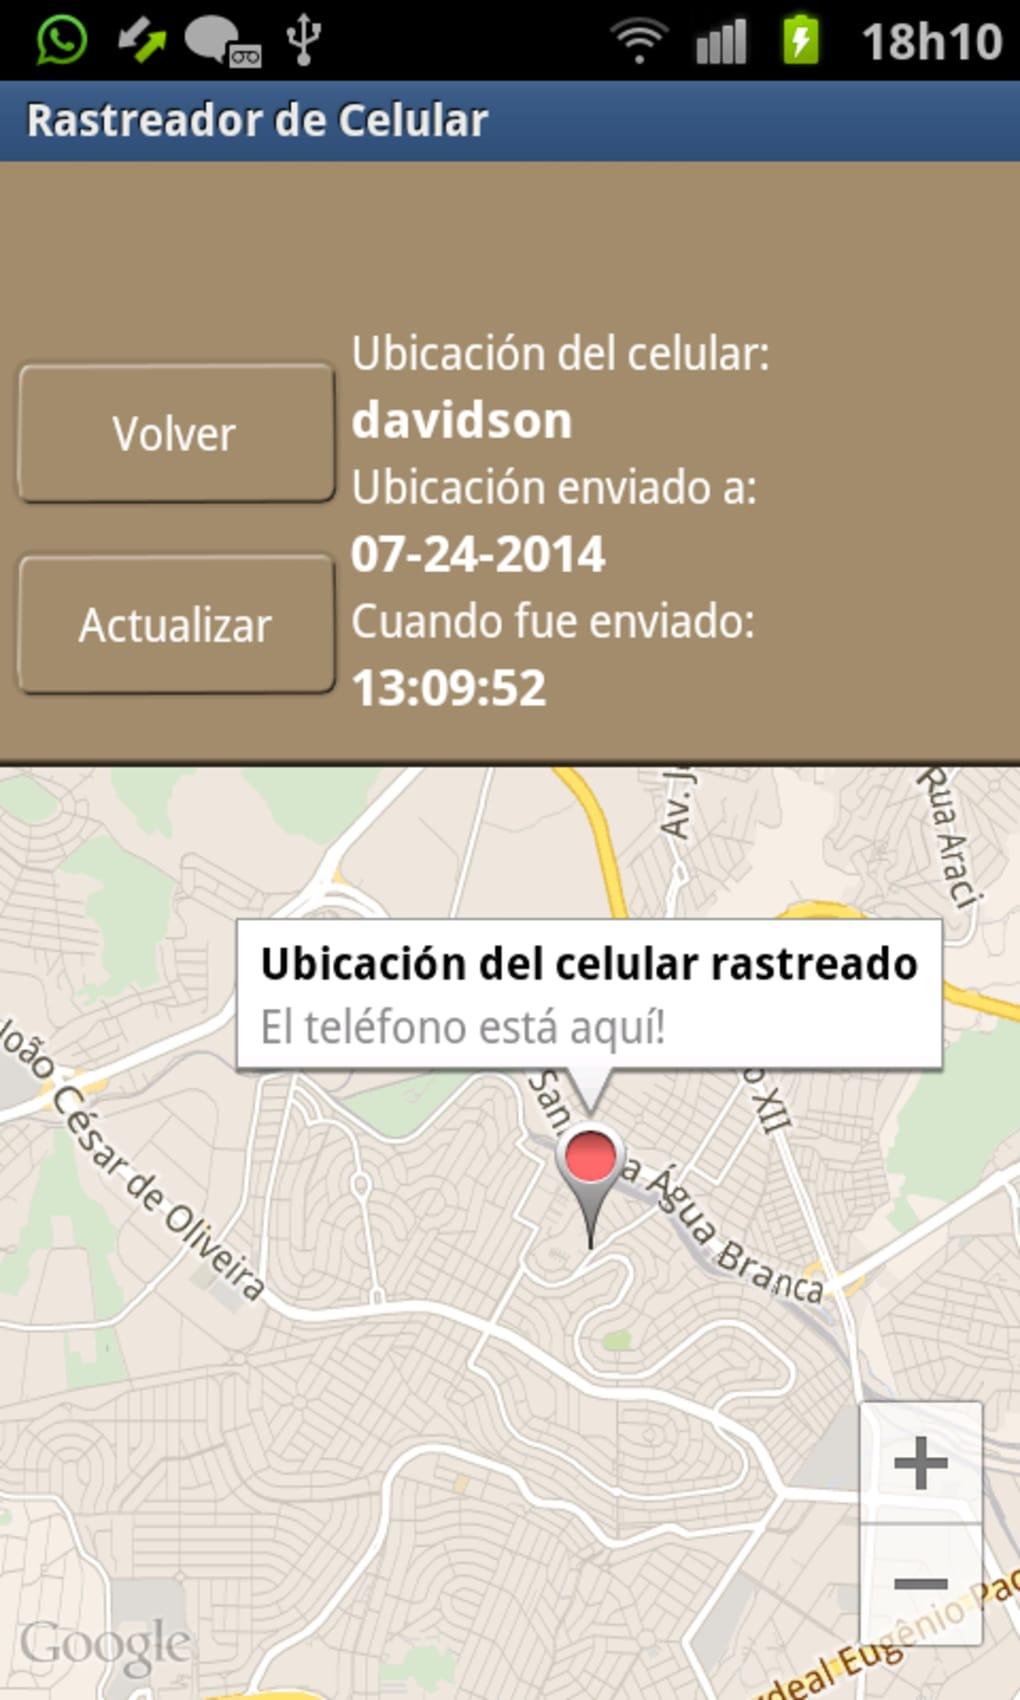 Como rastrear un celular con gps android - Descargar localizador para celular samsung gratis